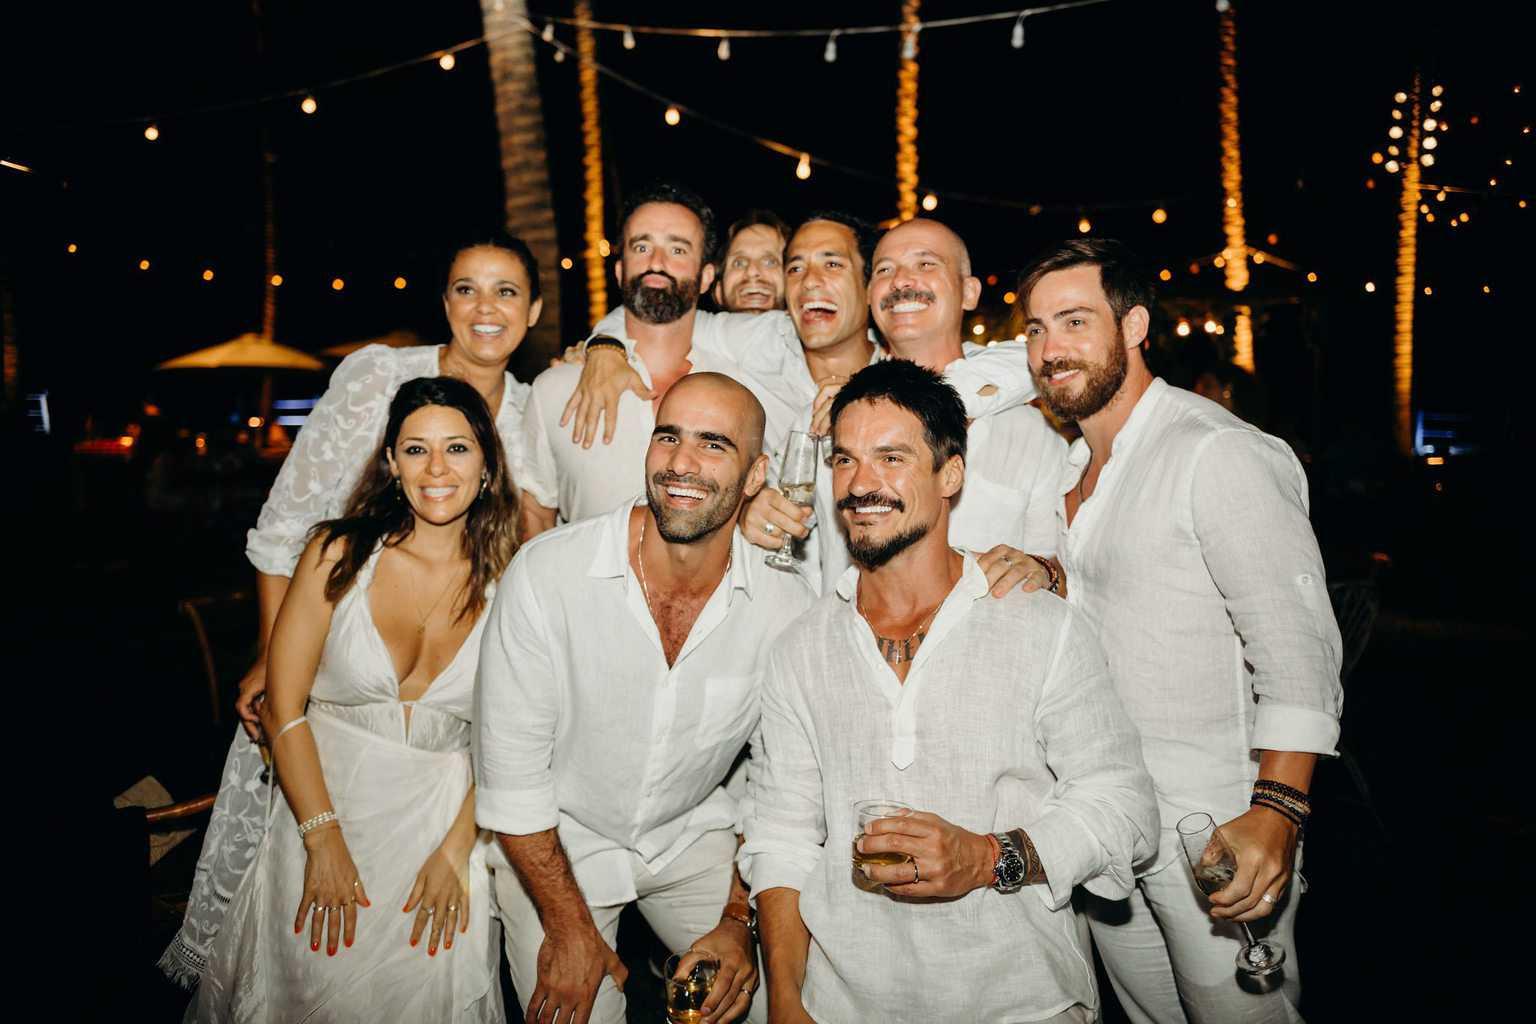 casamento-Danielle-e-Guilherme-aloha-fotografia-caseme-137